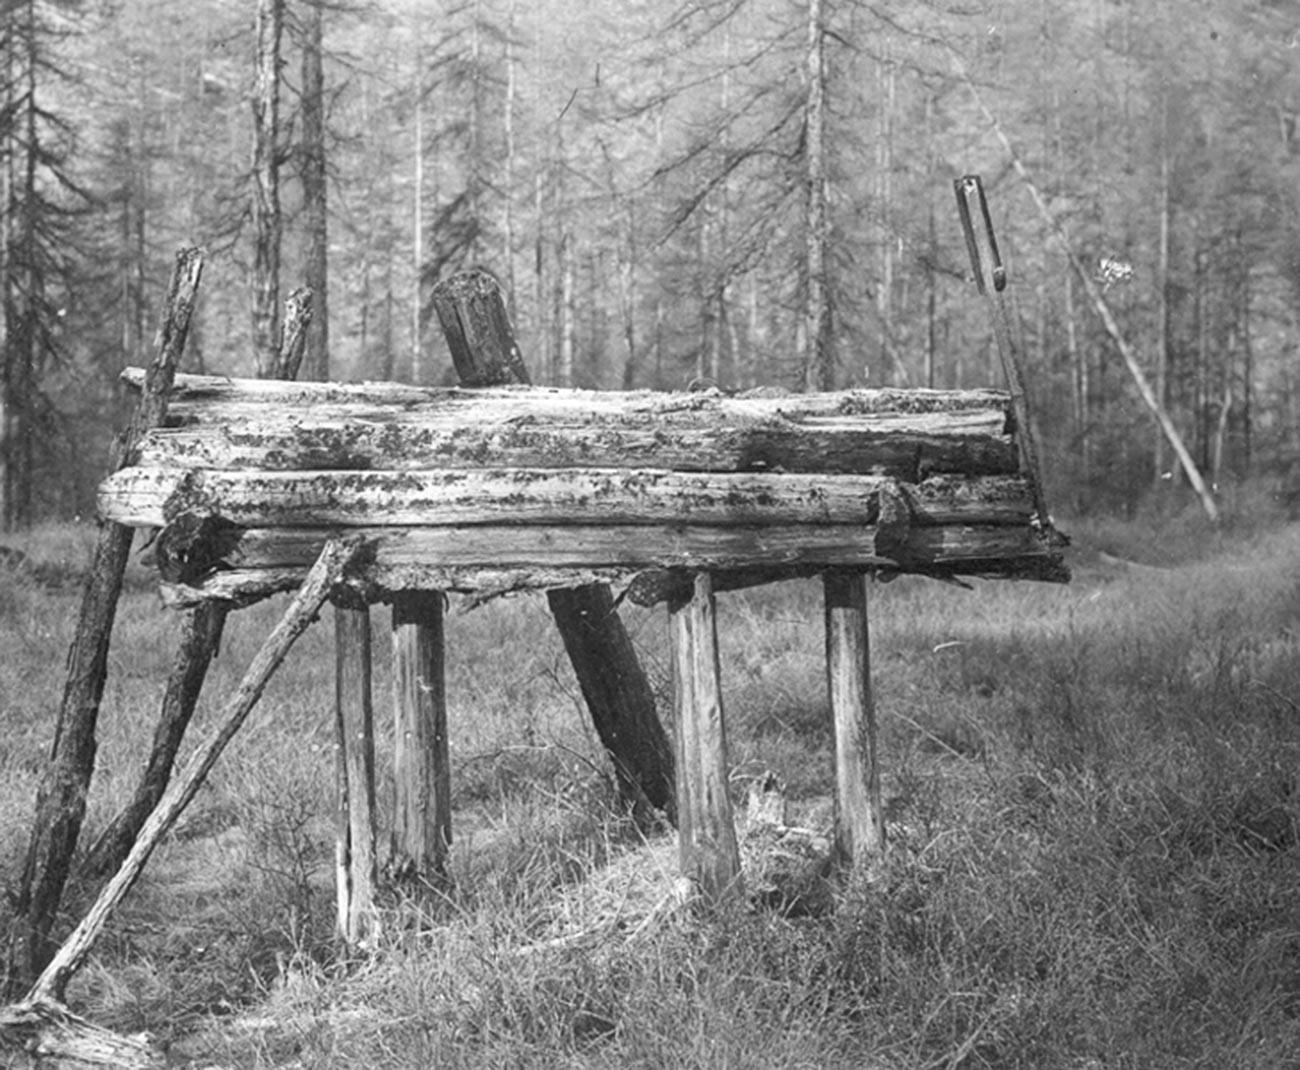 Una sepoltura fuori terra trovata in una foresta russa